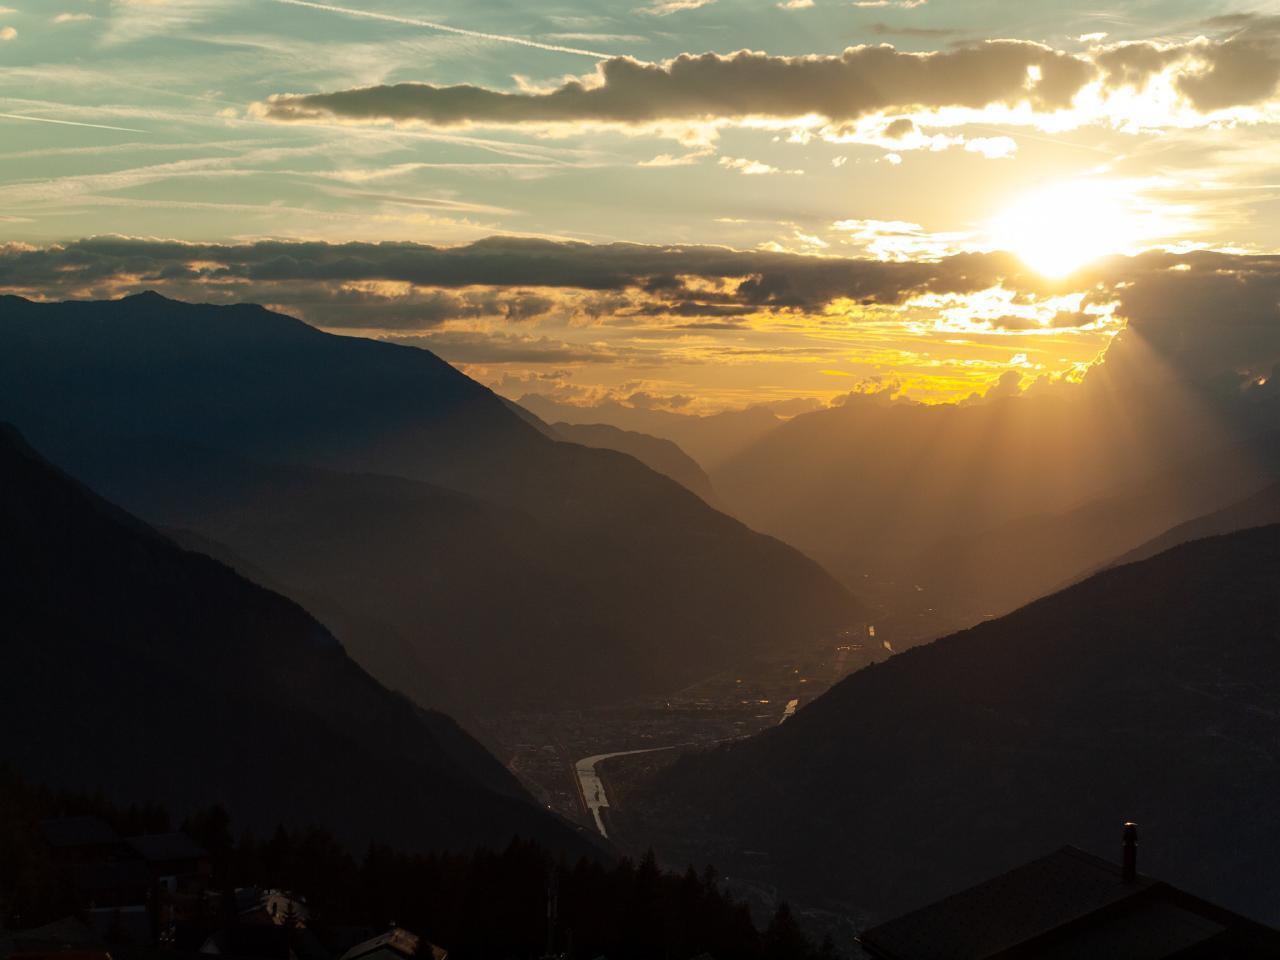 Ferienwohnung Chalet Bergfink | Ferienwohnung in den Walliser Bergen auf Rosswald (2311758), Rosswald, Brig - Simplon, Wallis, Schweiz, Bild 17